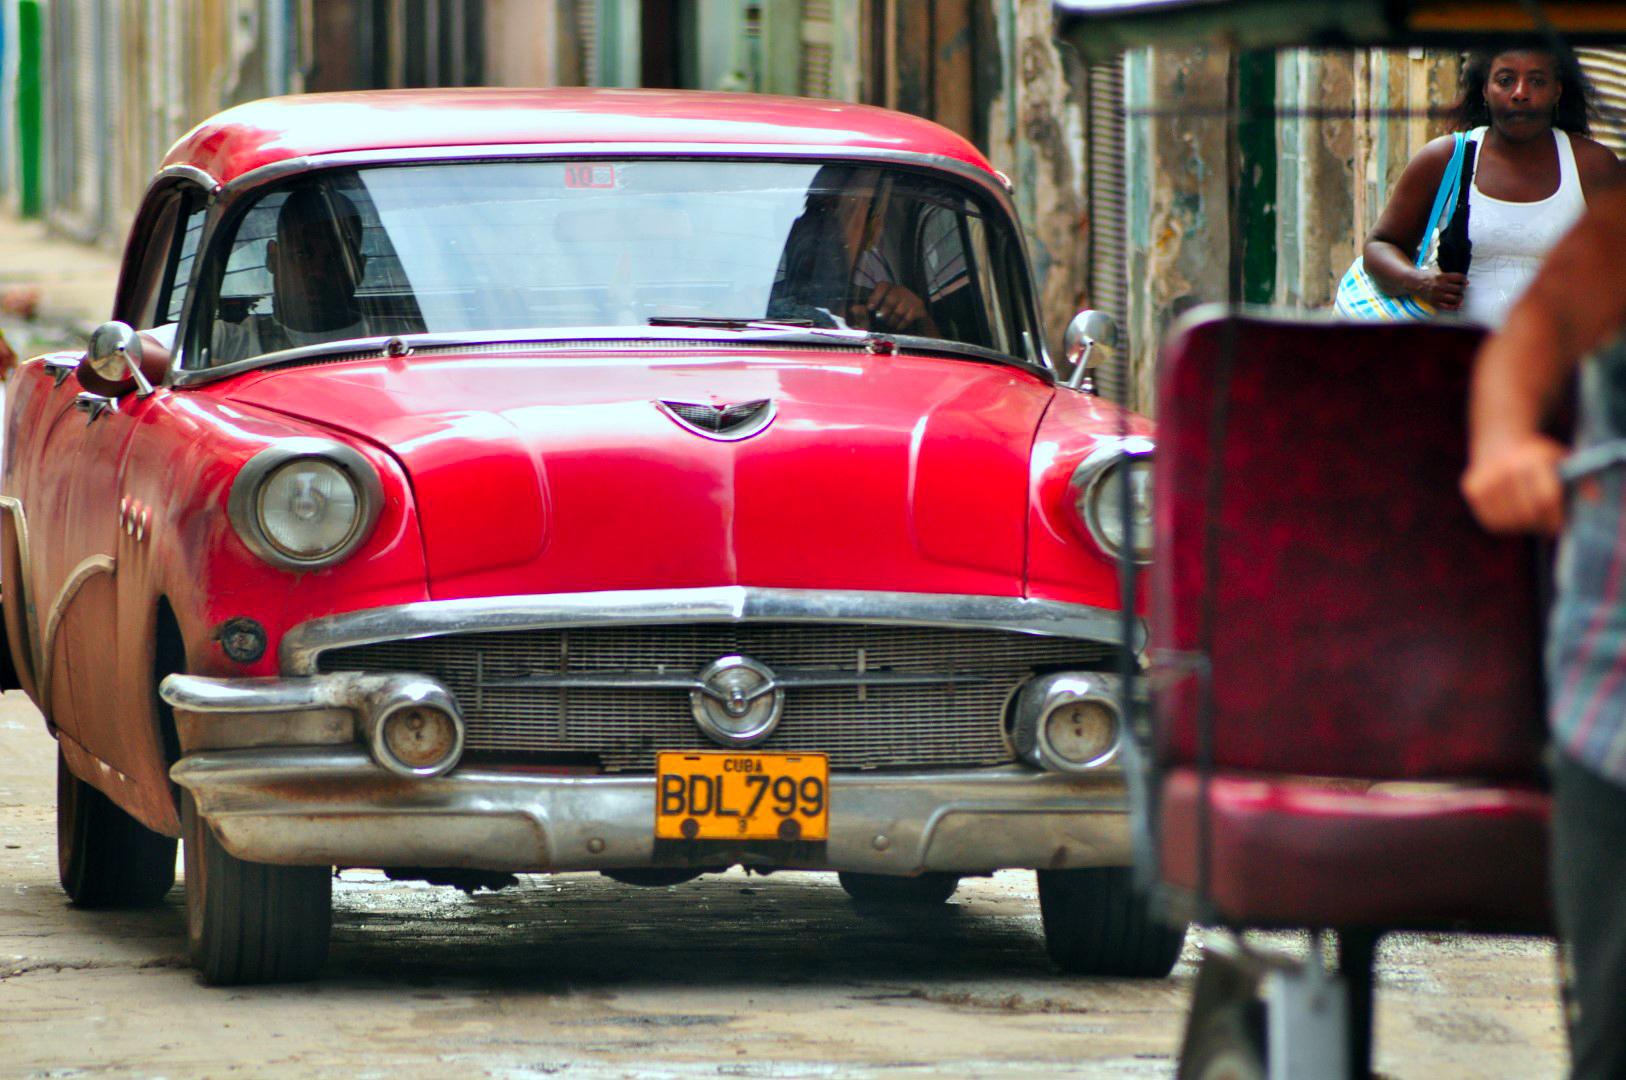 Qué ver en La Habana, Cuba qué ver en la habana, cuba - 31135995352 32b5cf08b1 o - Qué ver en La Habana, Cuba